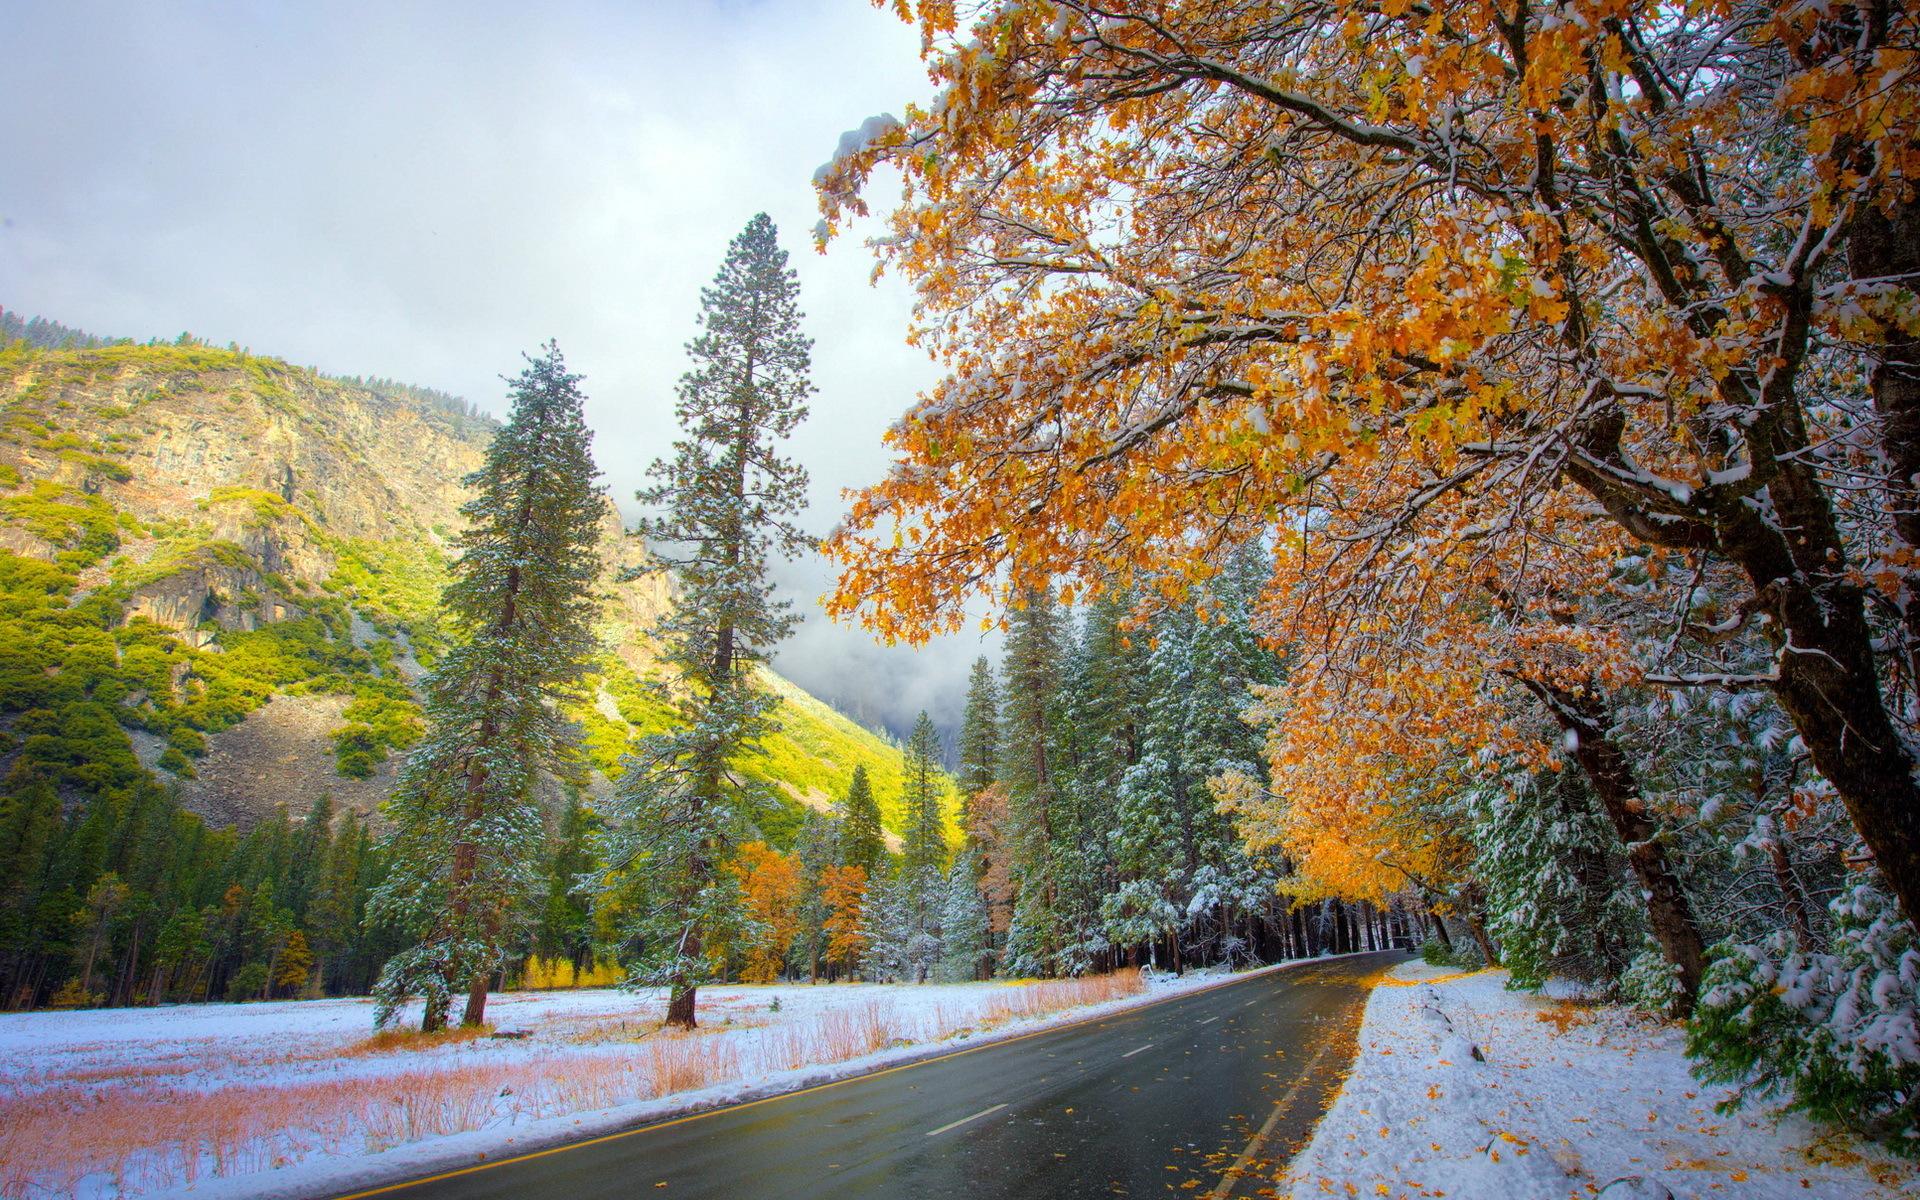 21964 скачать обои Пейзаж, Деревья, Горы, Осень, Снег - заставки и картинки бесплатно